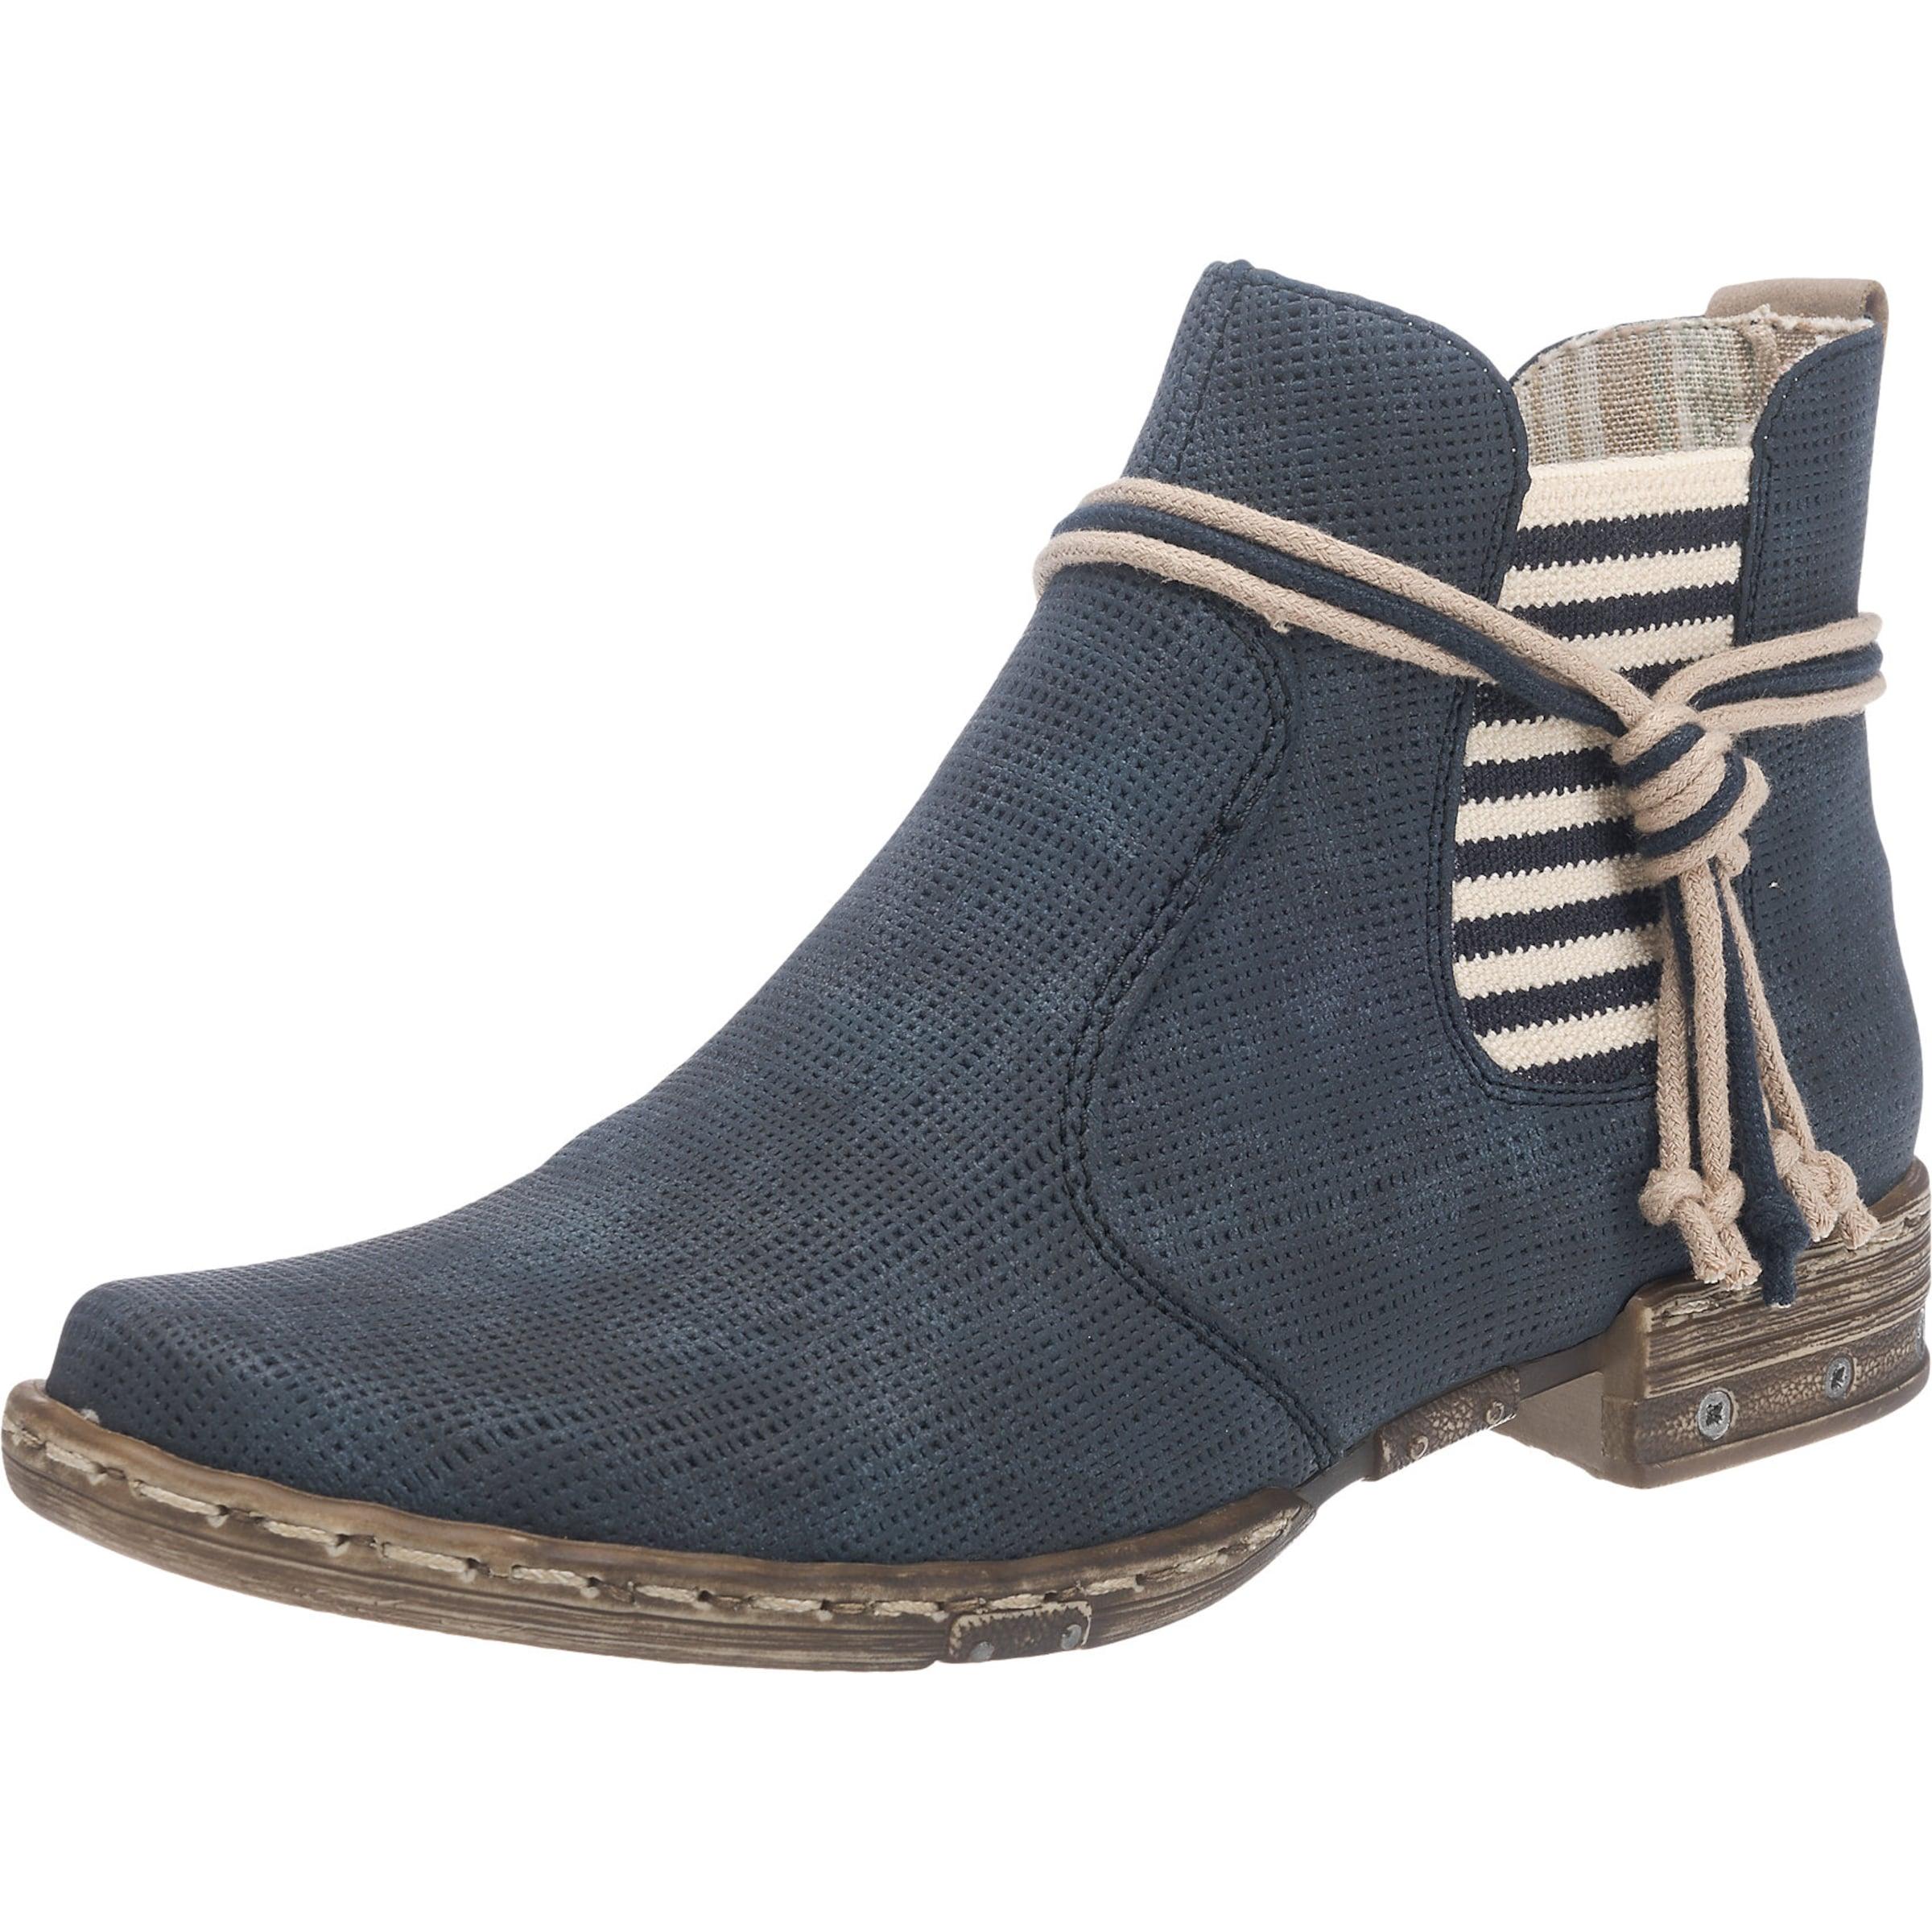 RIEKER Chelsea-Stiefelette mit Zierdetails Günstige und langlebige Schuhe